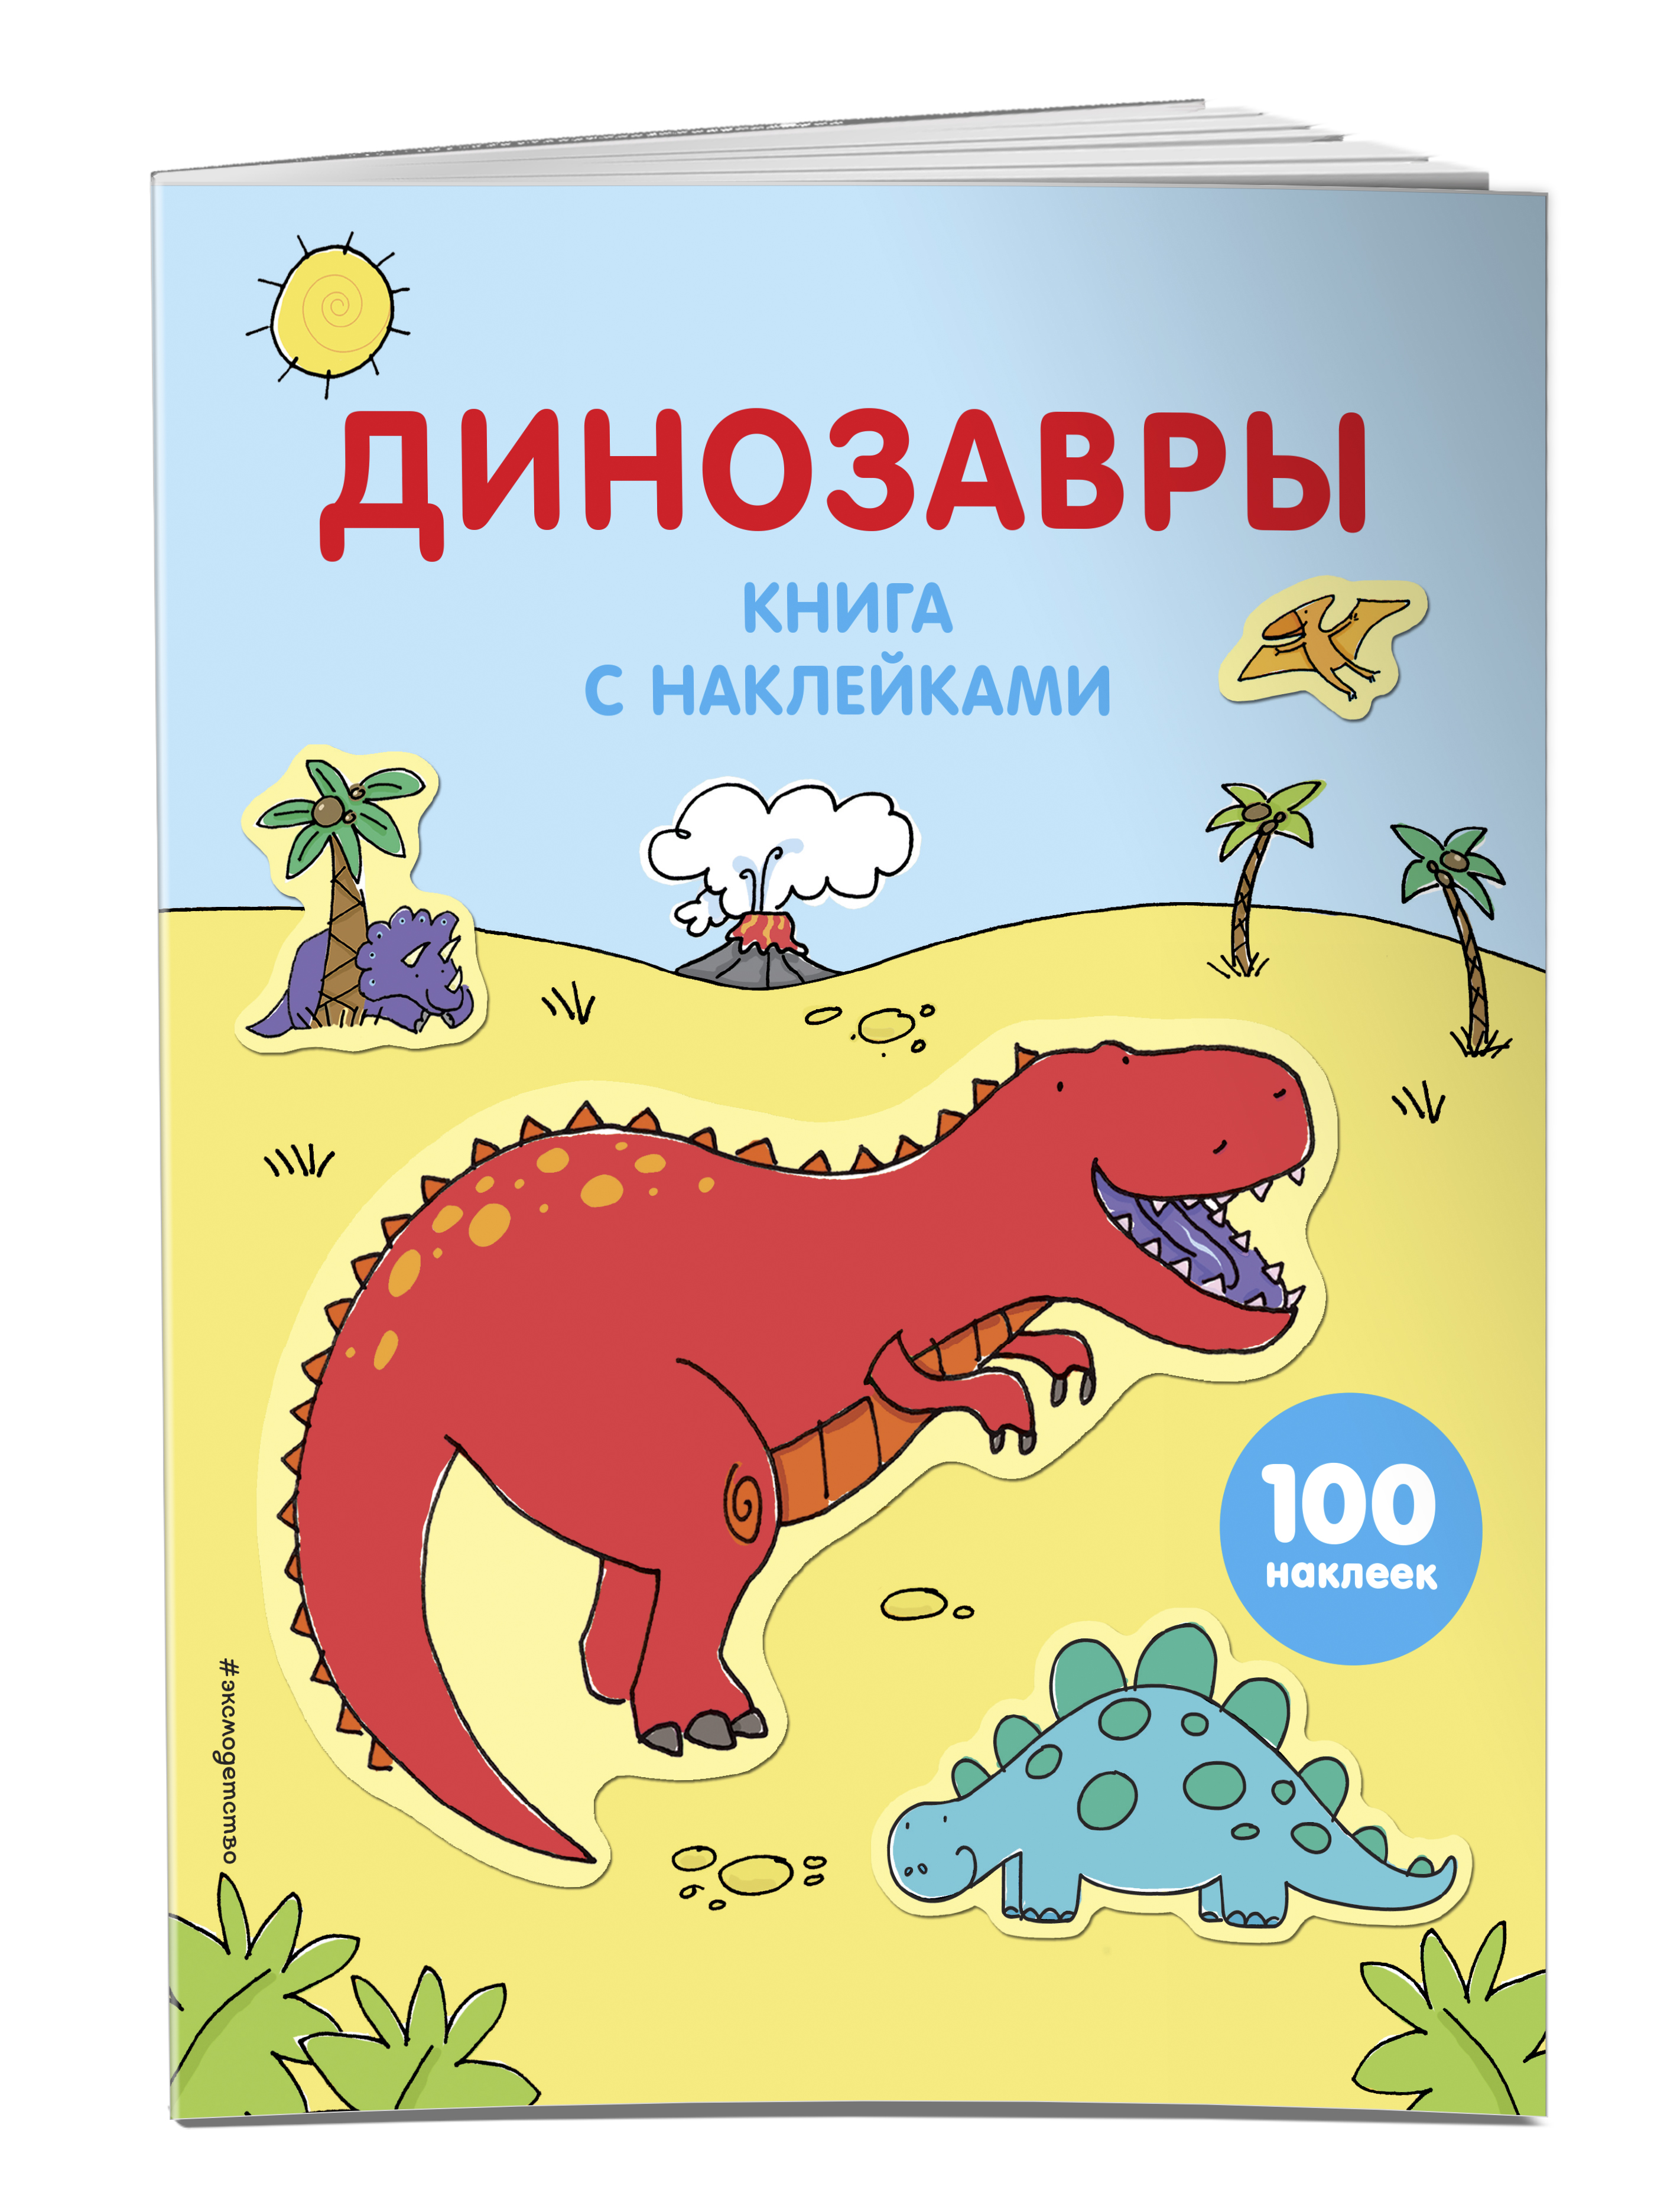 Динозавры (с наклейками)